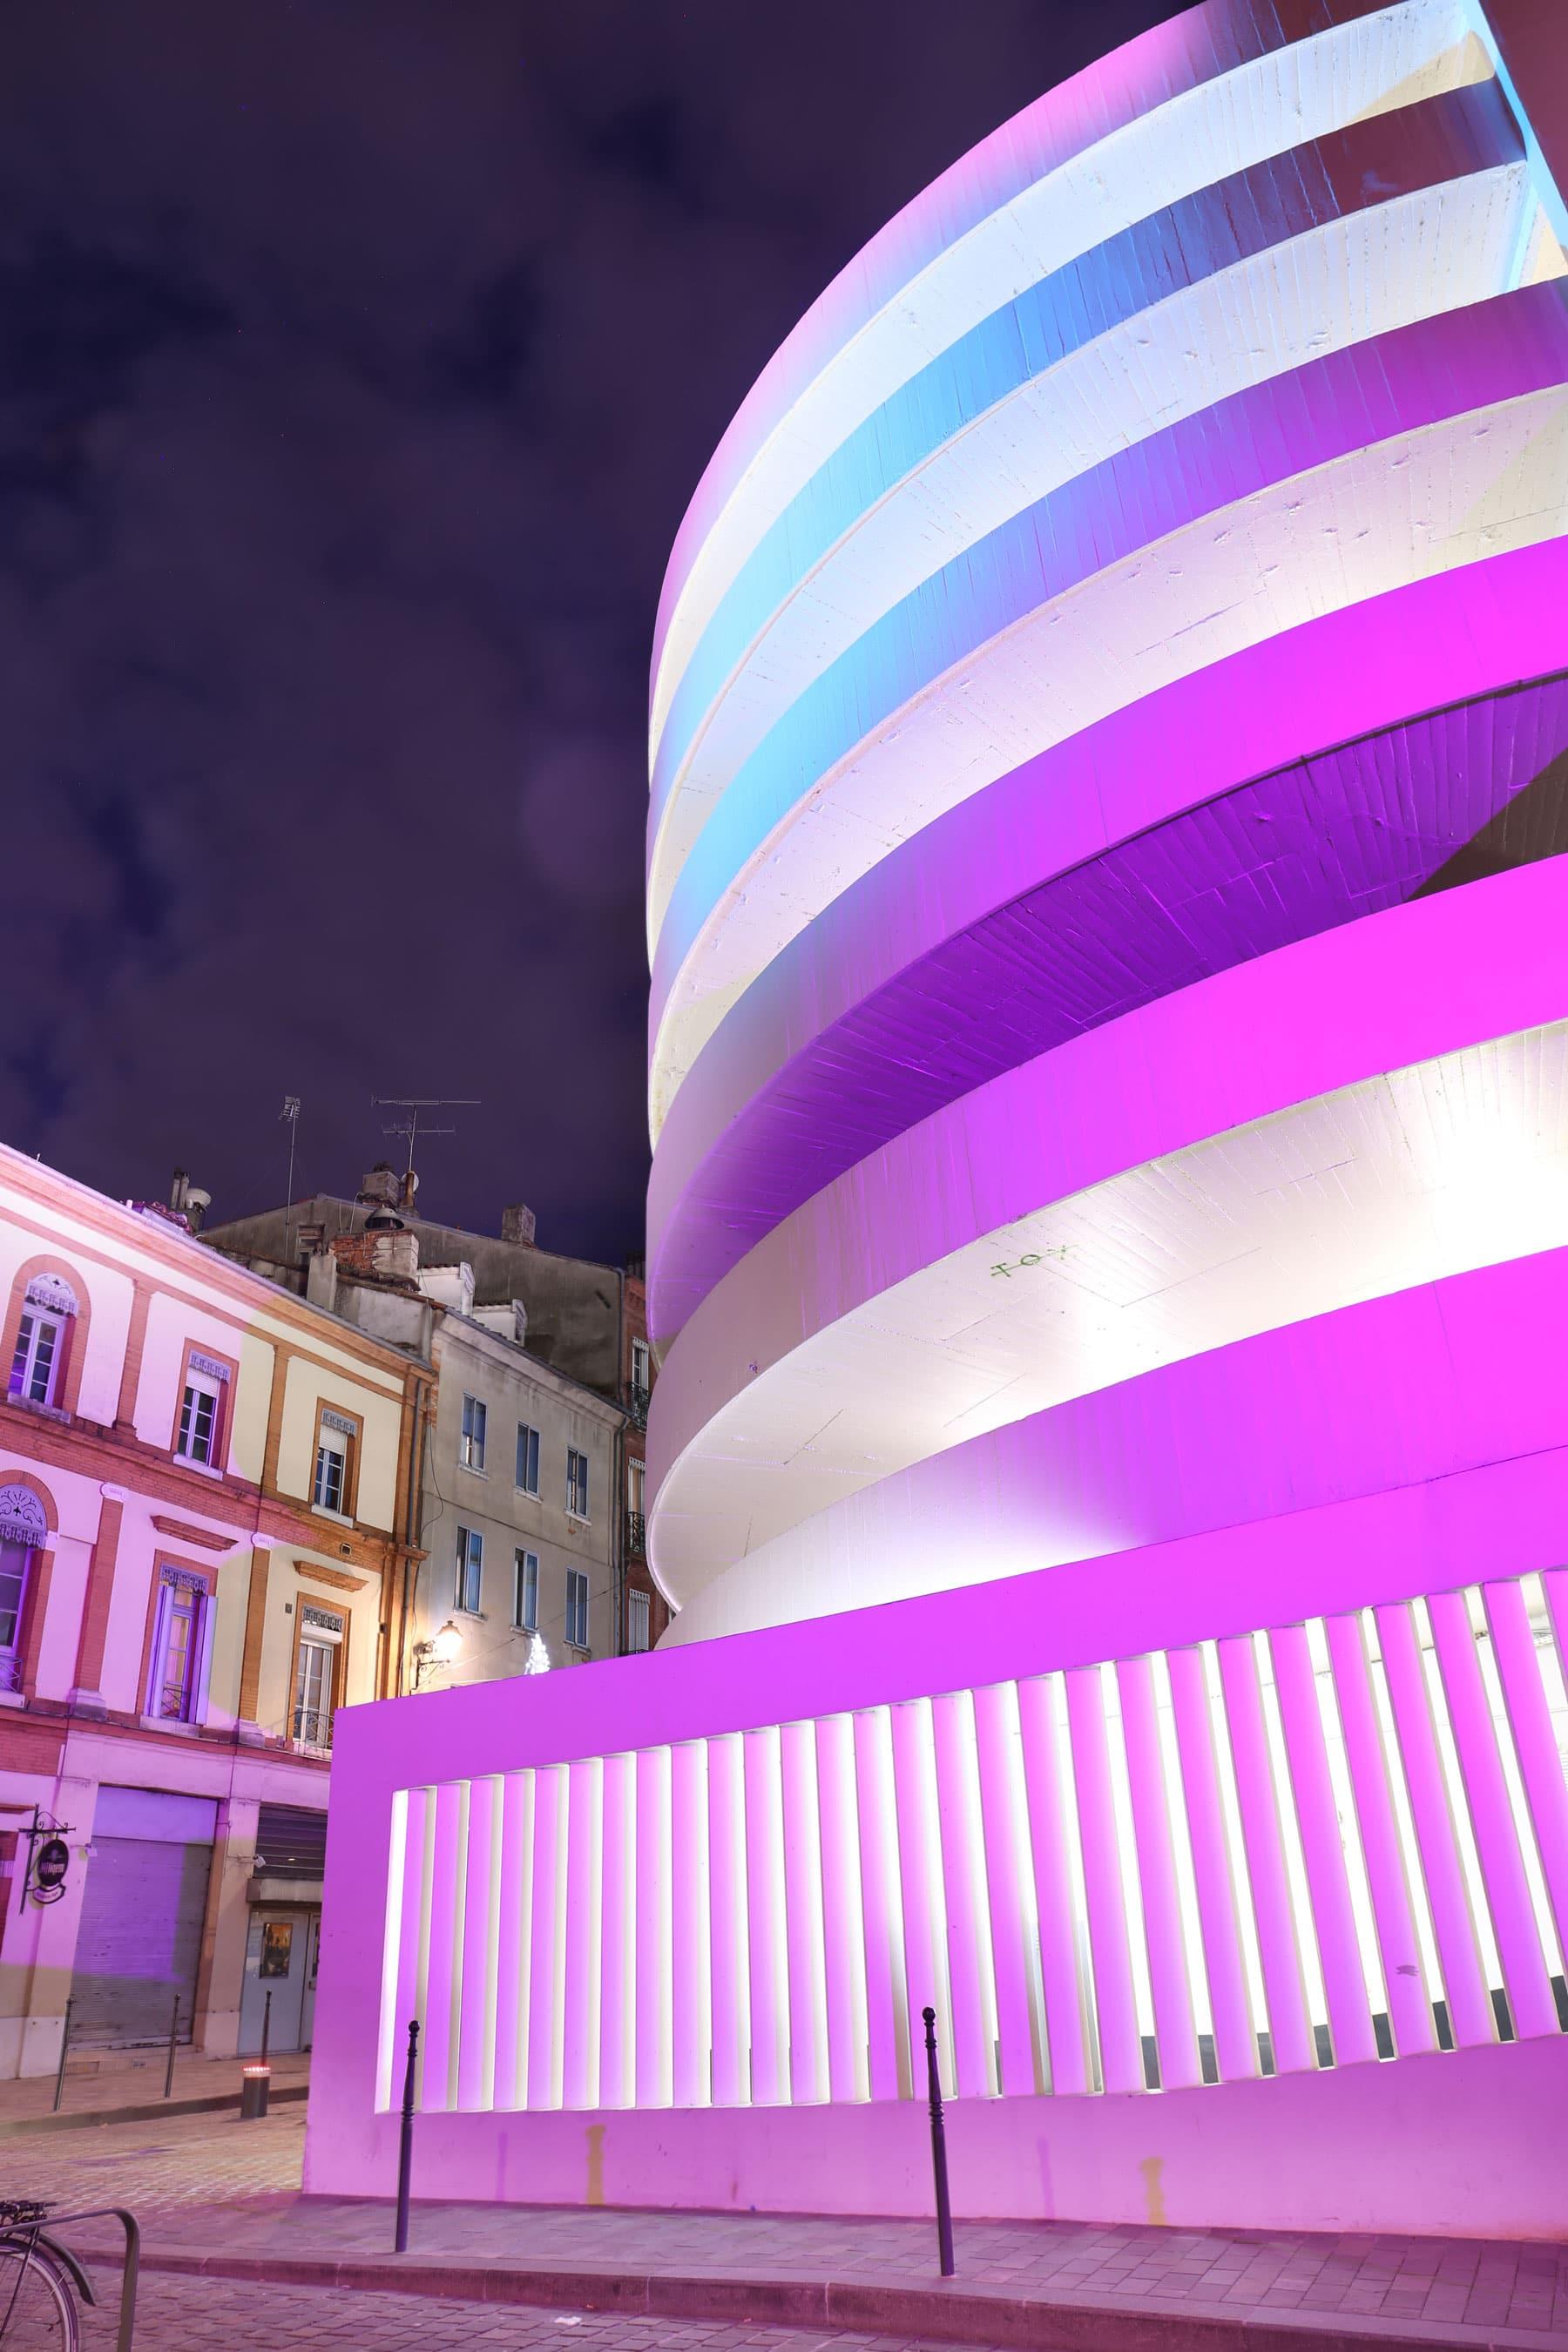 Effet lumière aurores boréales polaires sur un bâtiment